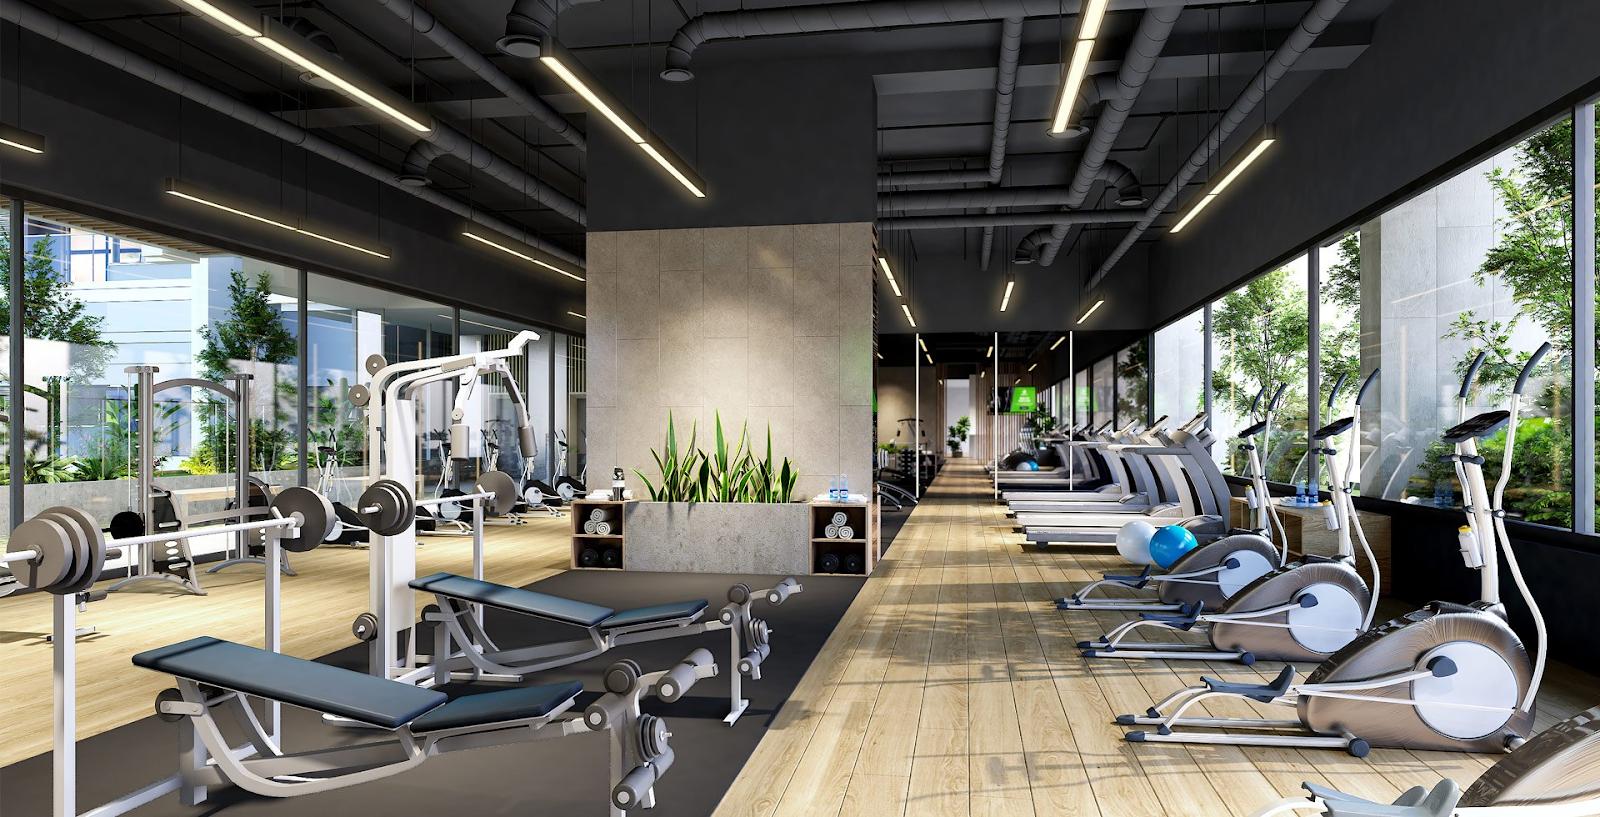 Phòng tập gym tại tầng trệt dự án Aio City Bình Tân